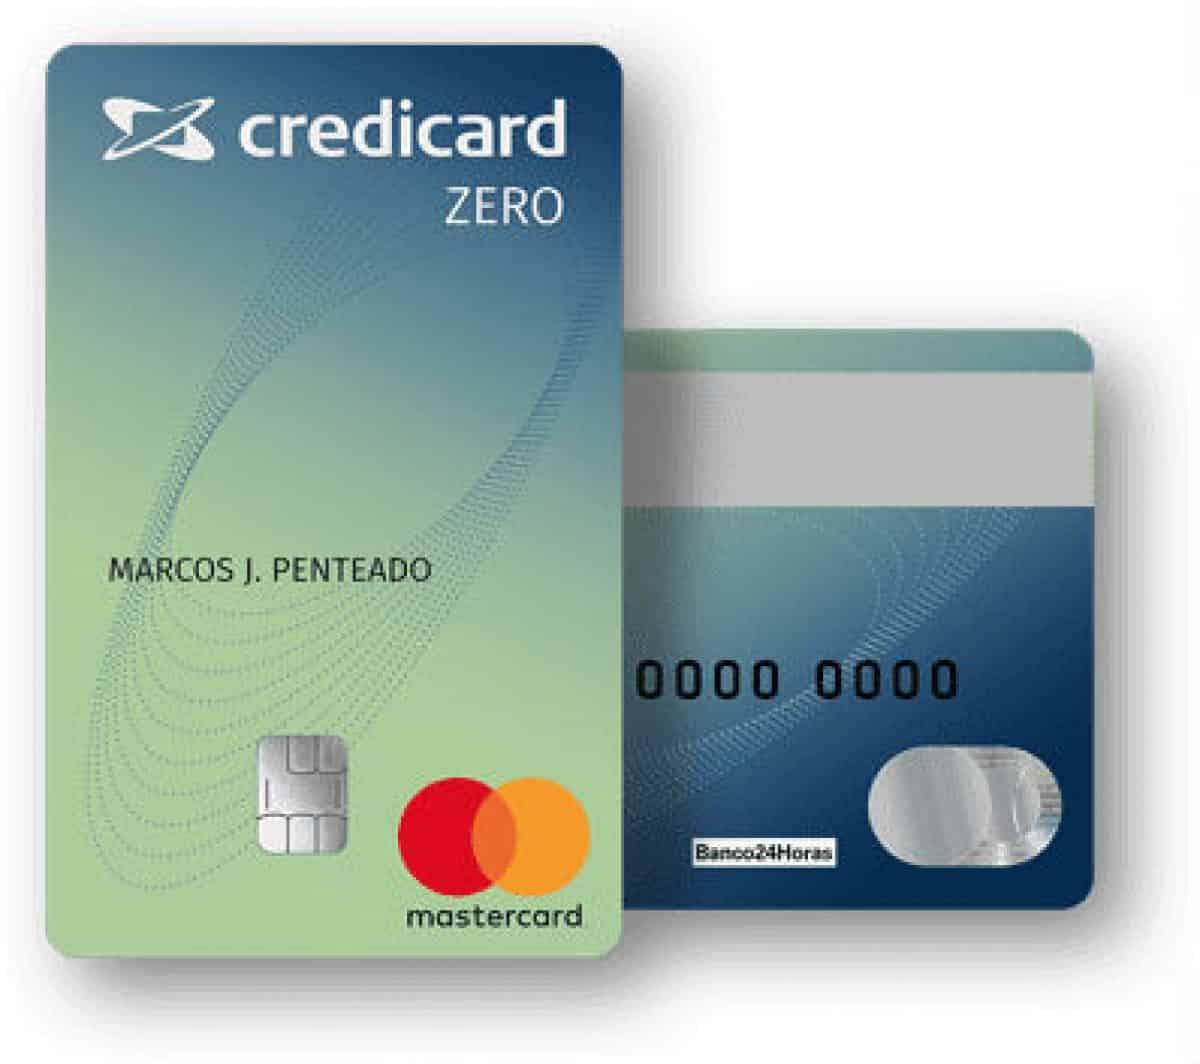 credicard zero 1200x1064 1